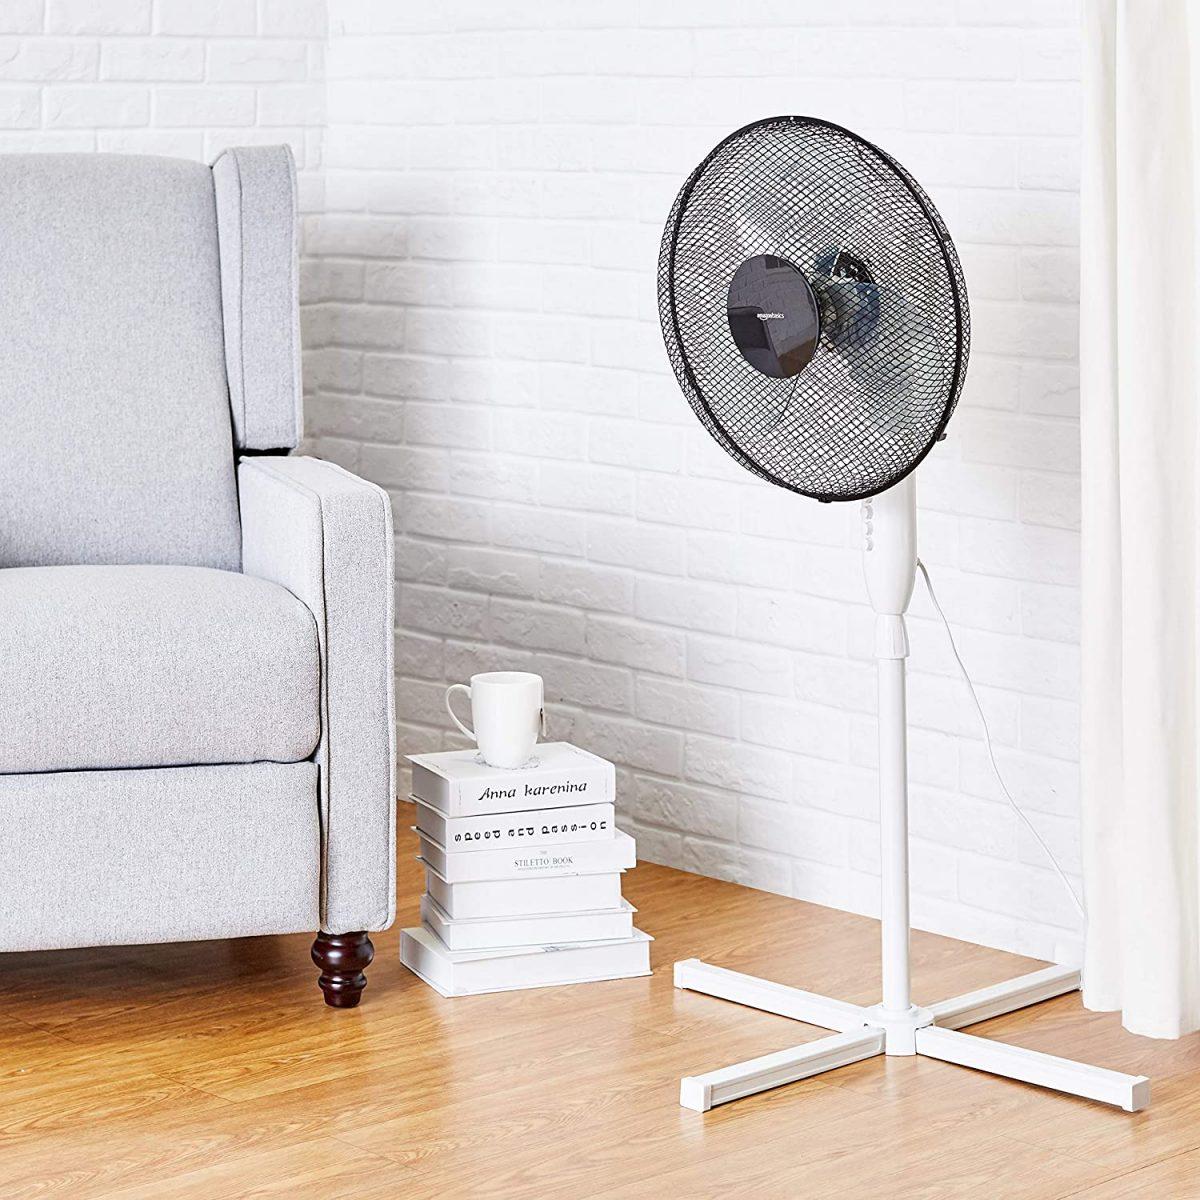 Ventilador de pie AmazonBasics barato scaled SuperChollos